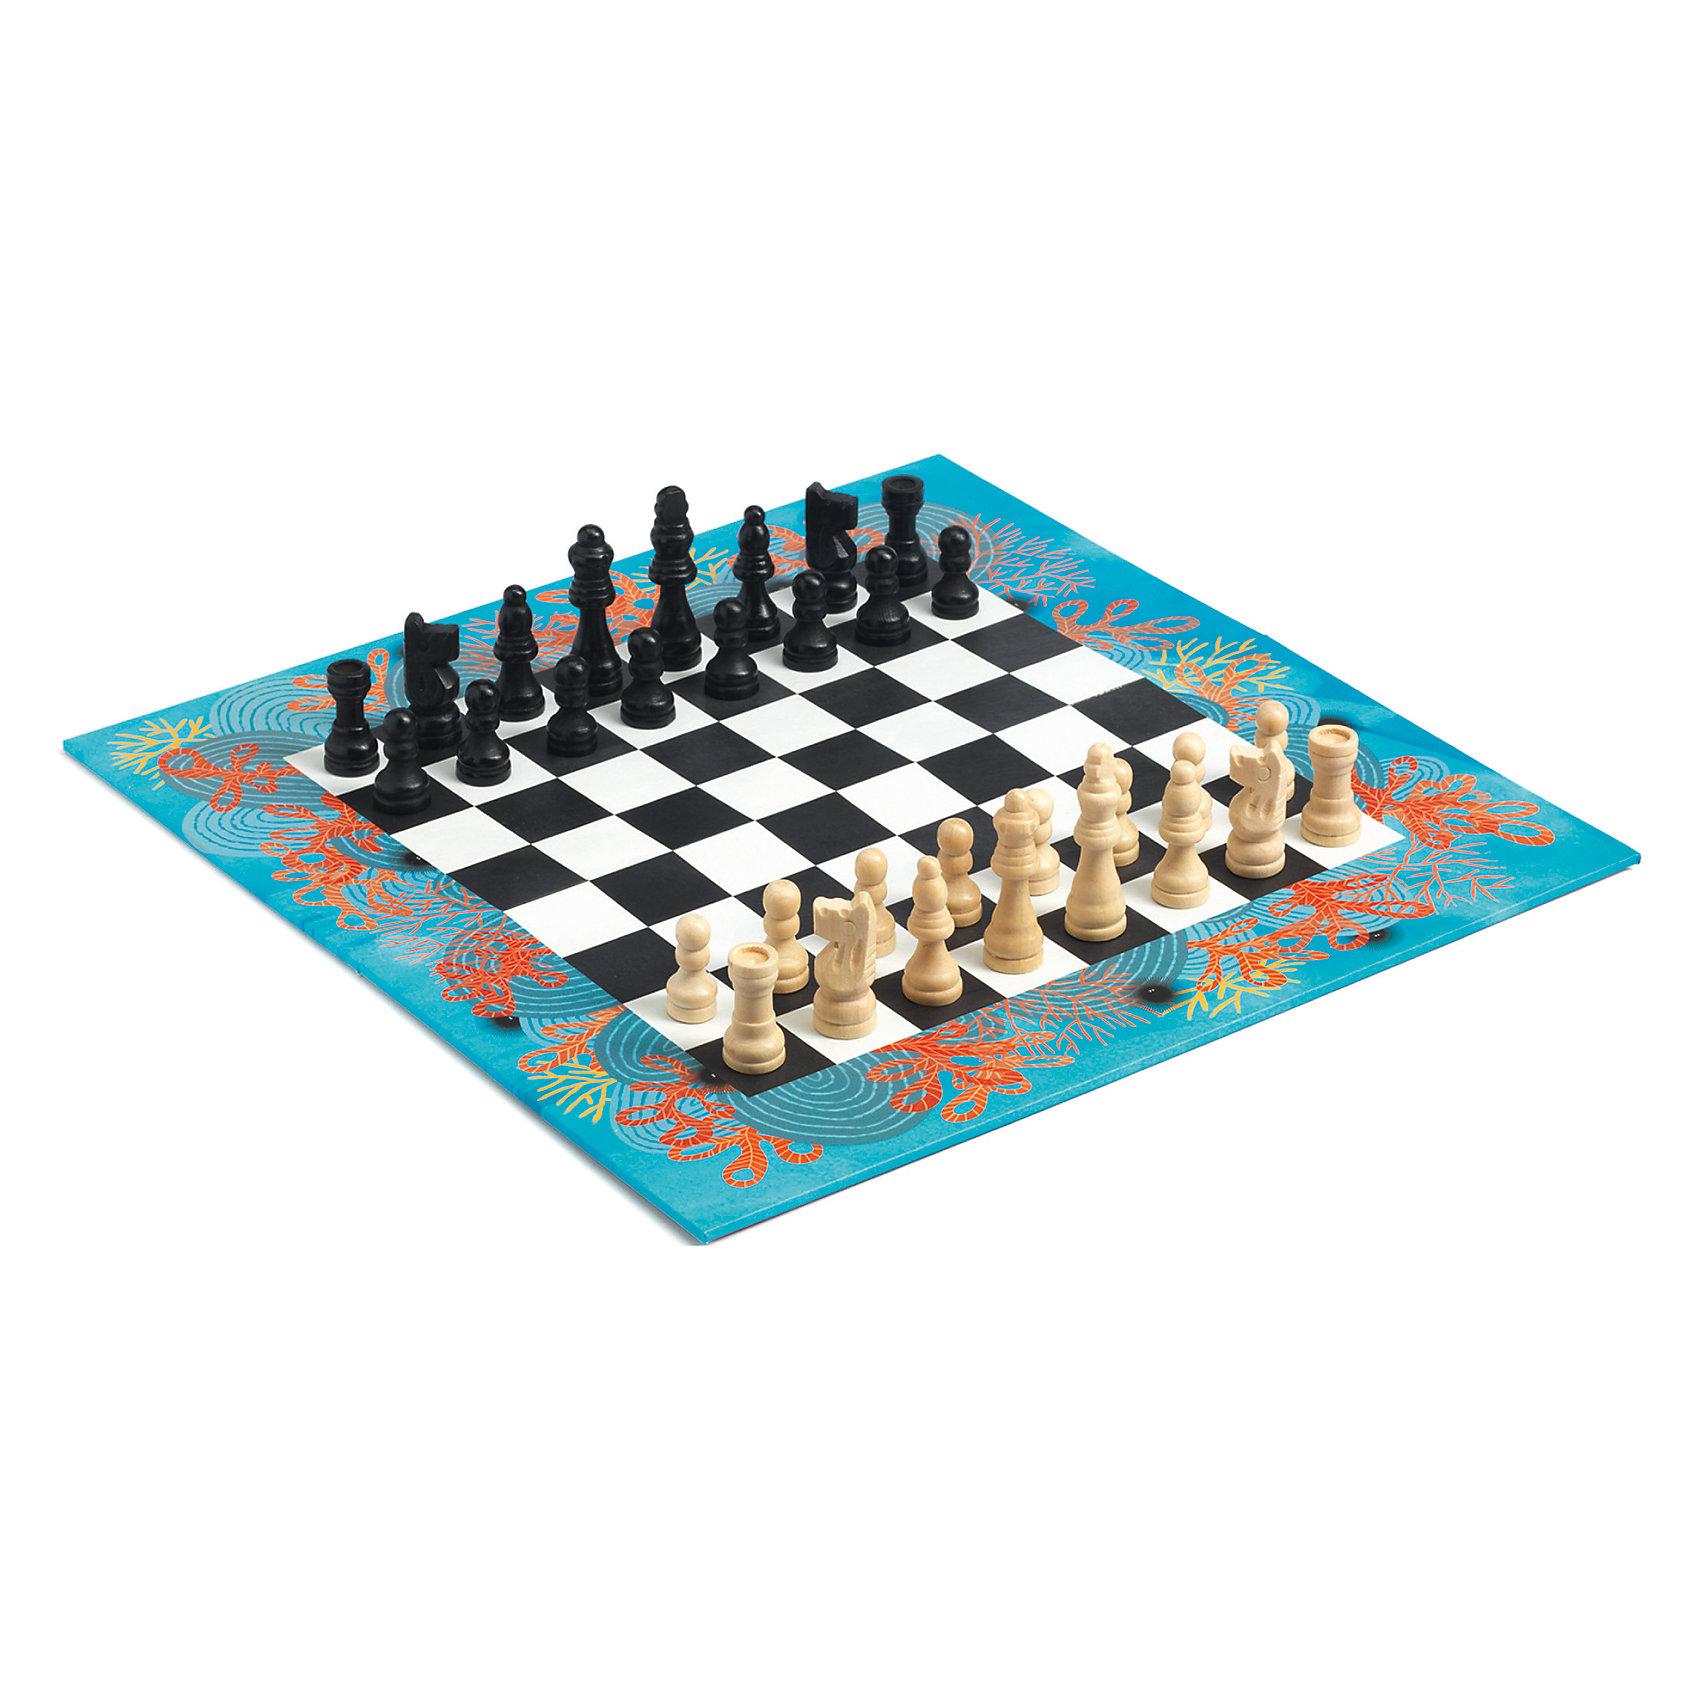 DJECO Шахматы, DJECO овакимян г зрелищные шахматы и другие интеллектуальные спортивные игры